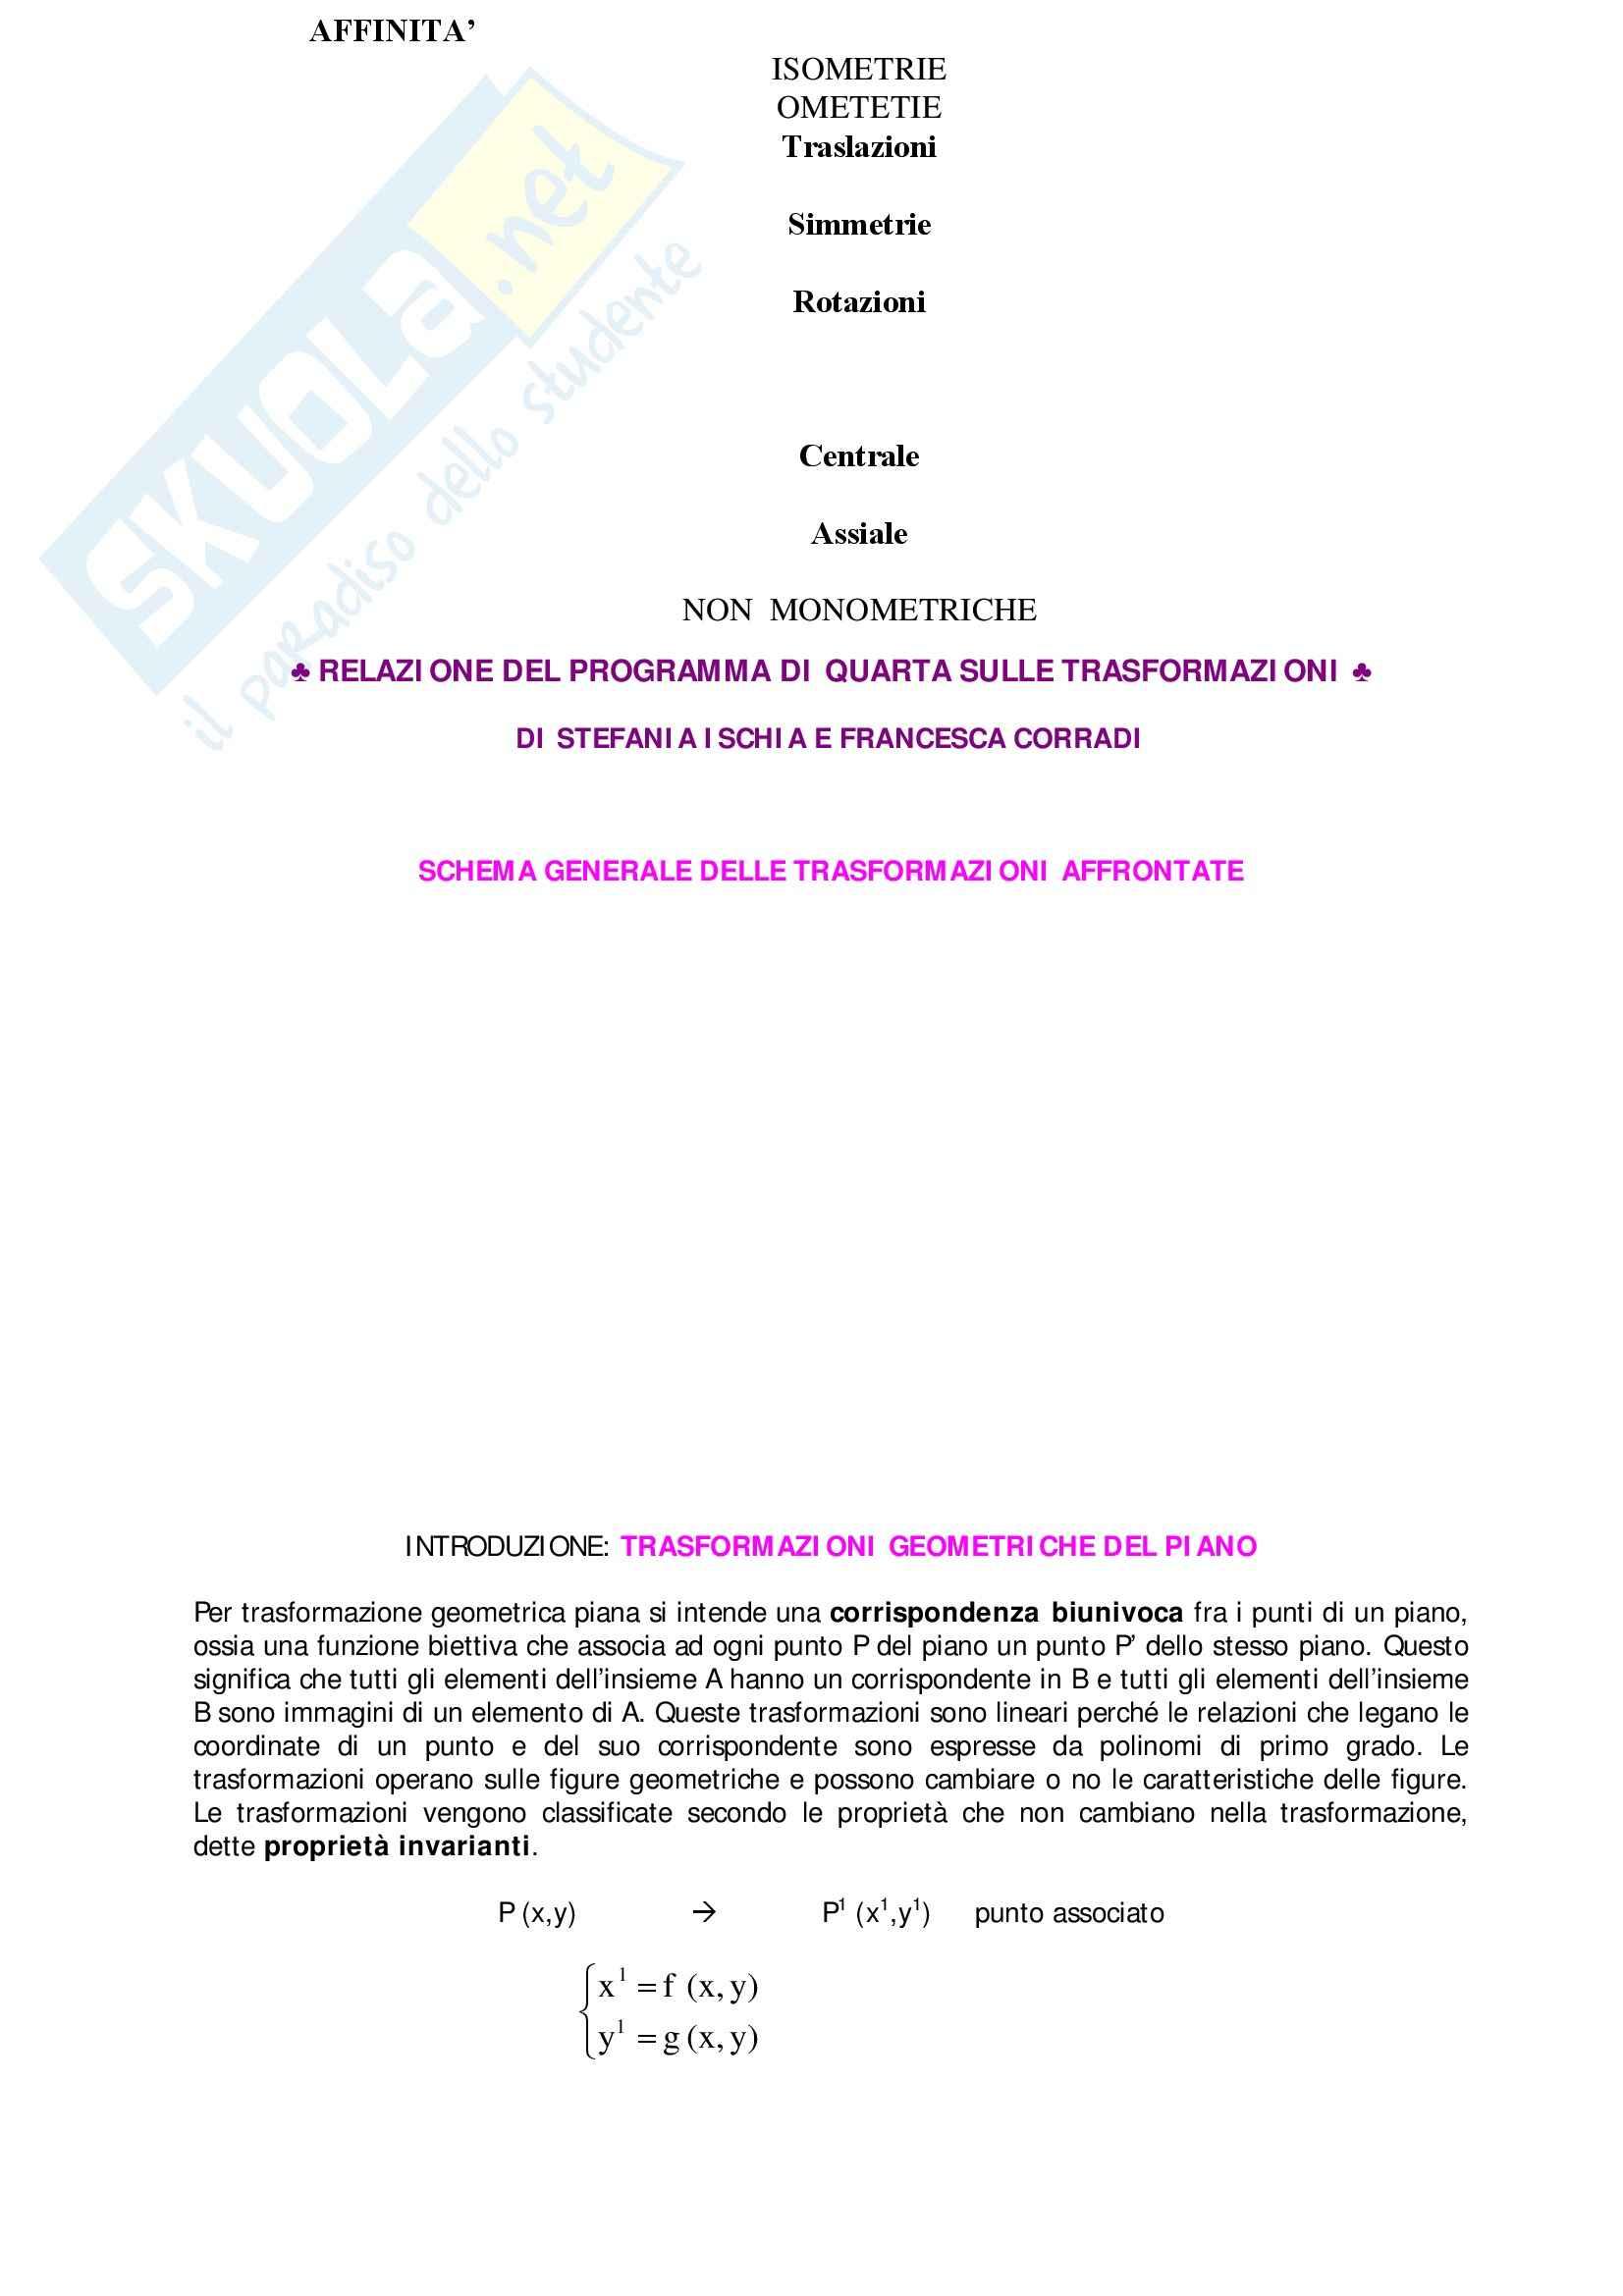 Matematica - trasformazioni matematiche